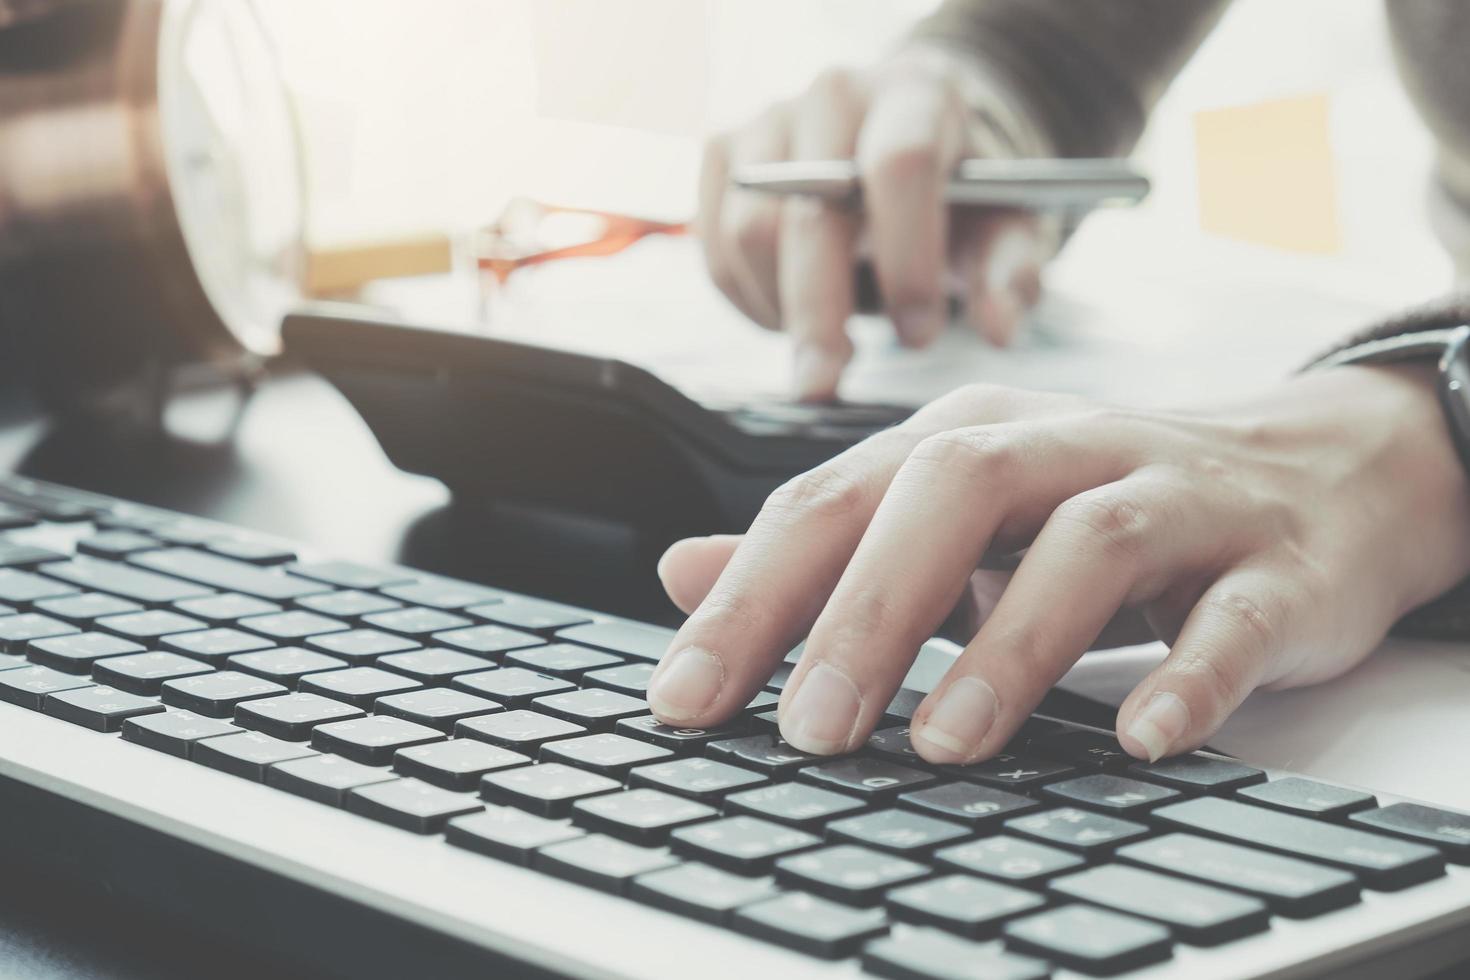 professionnel en tapant sur le clavier tout en utilisant la calculatrice photo